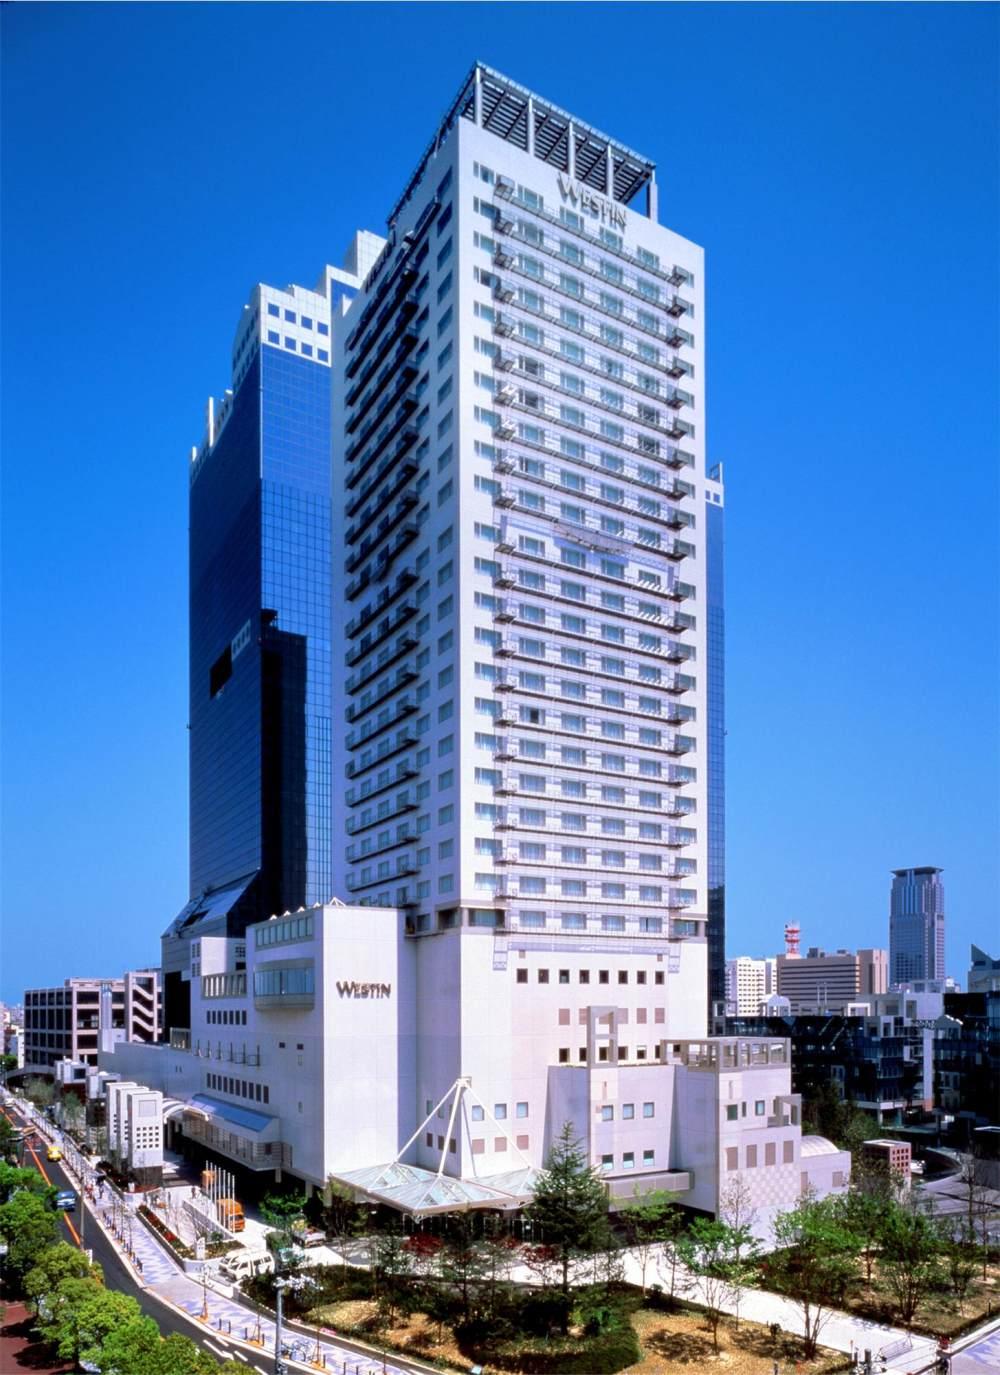 大阪威斯汀酒店 The Westin Osaka_97824_large.jpg